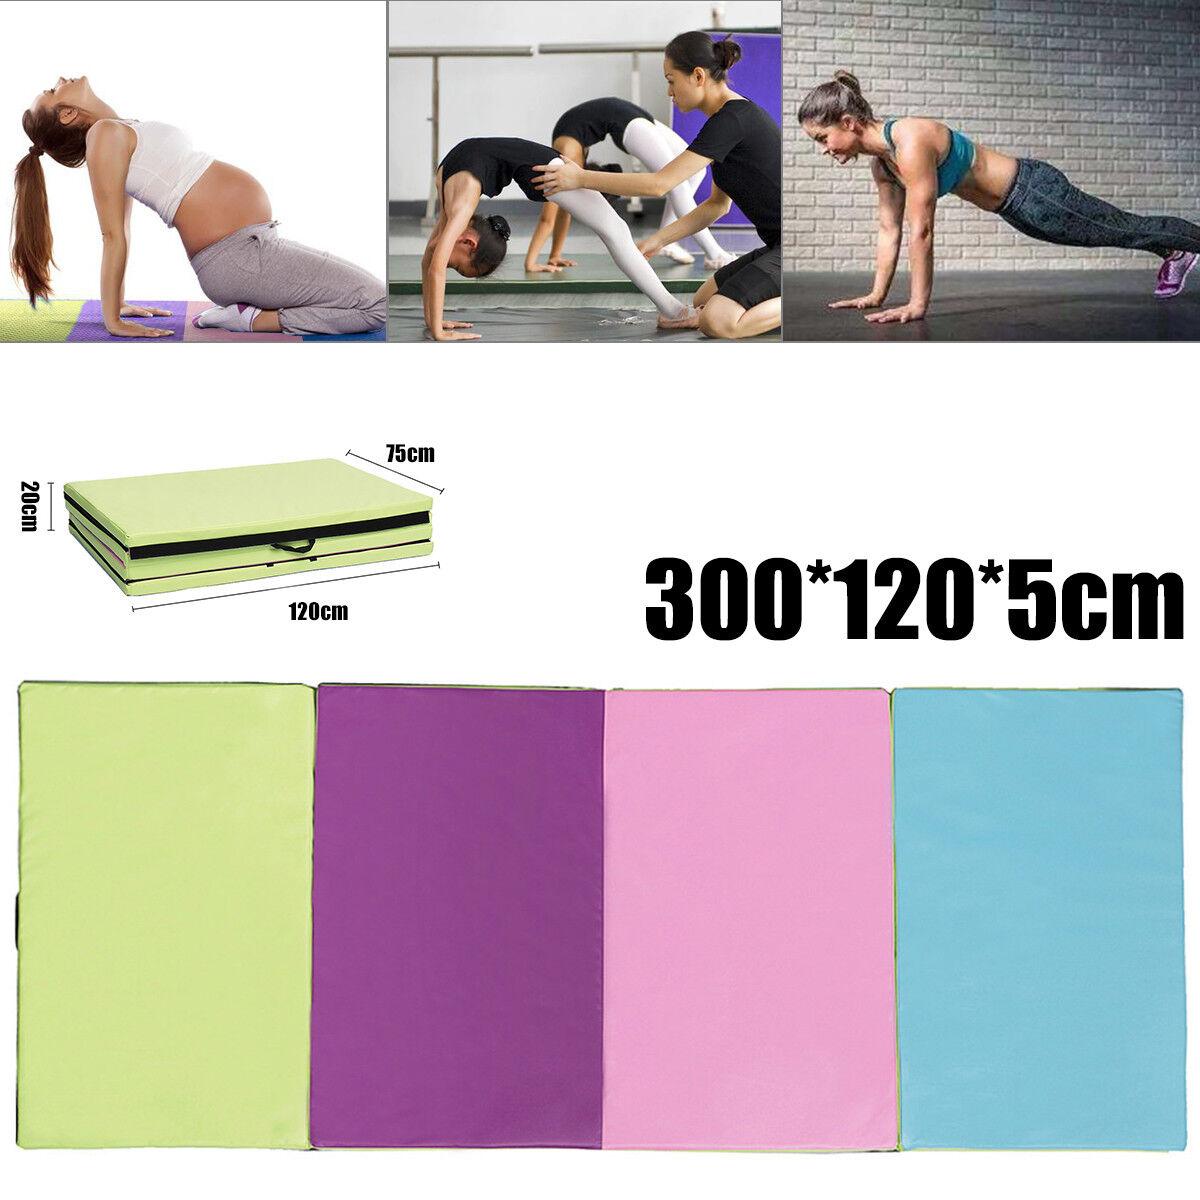 Gymnastics Exercise Folding Mat Training Workout Padded Non Slip Yoga Gym Mats